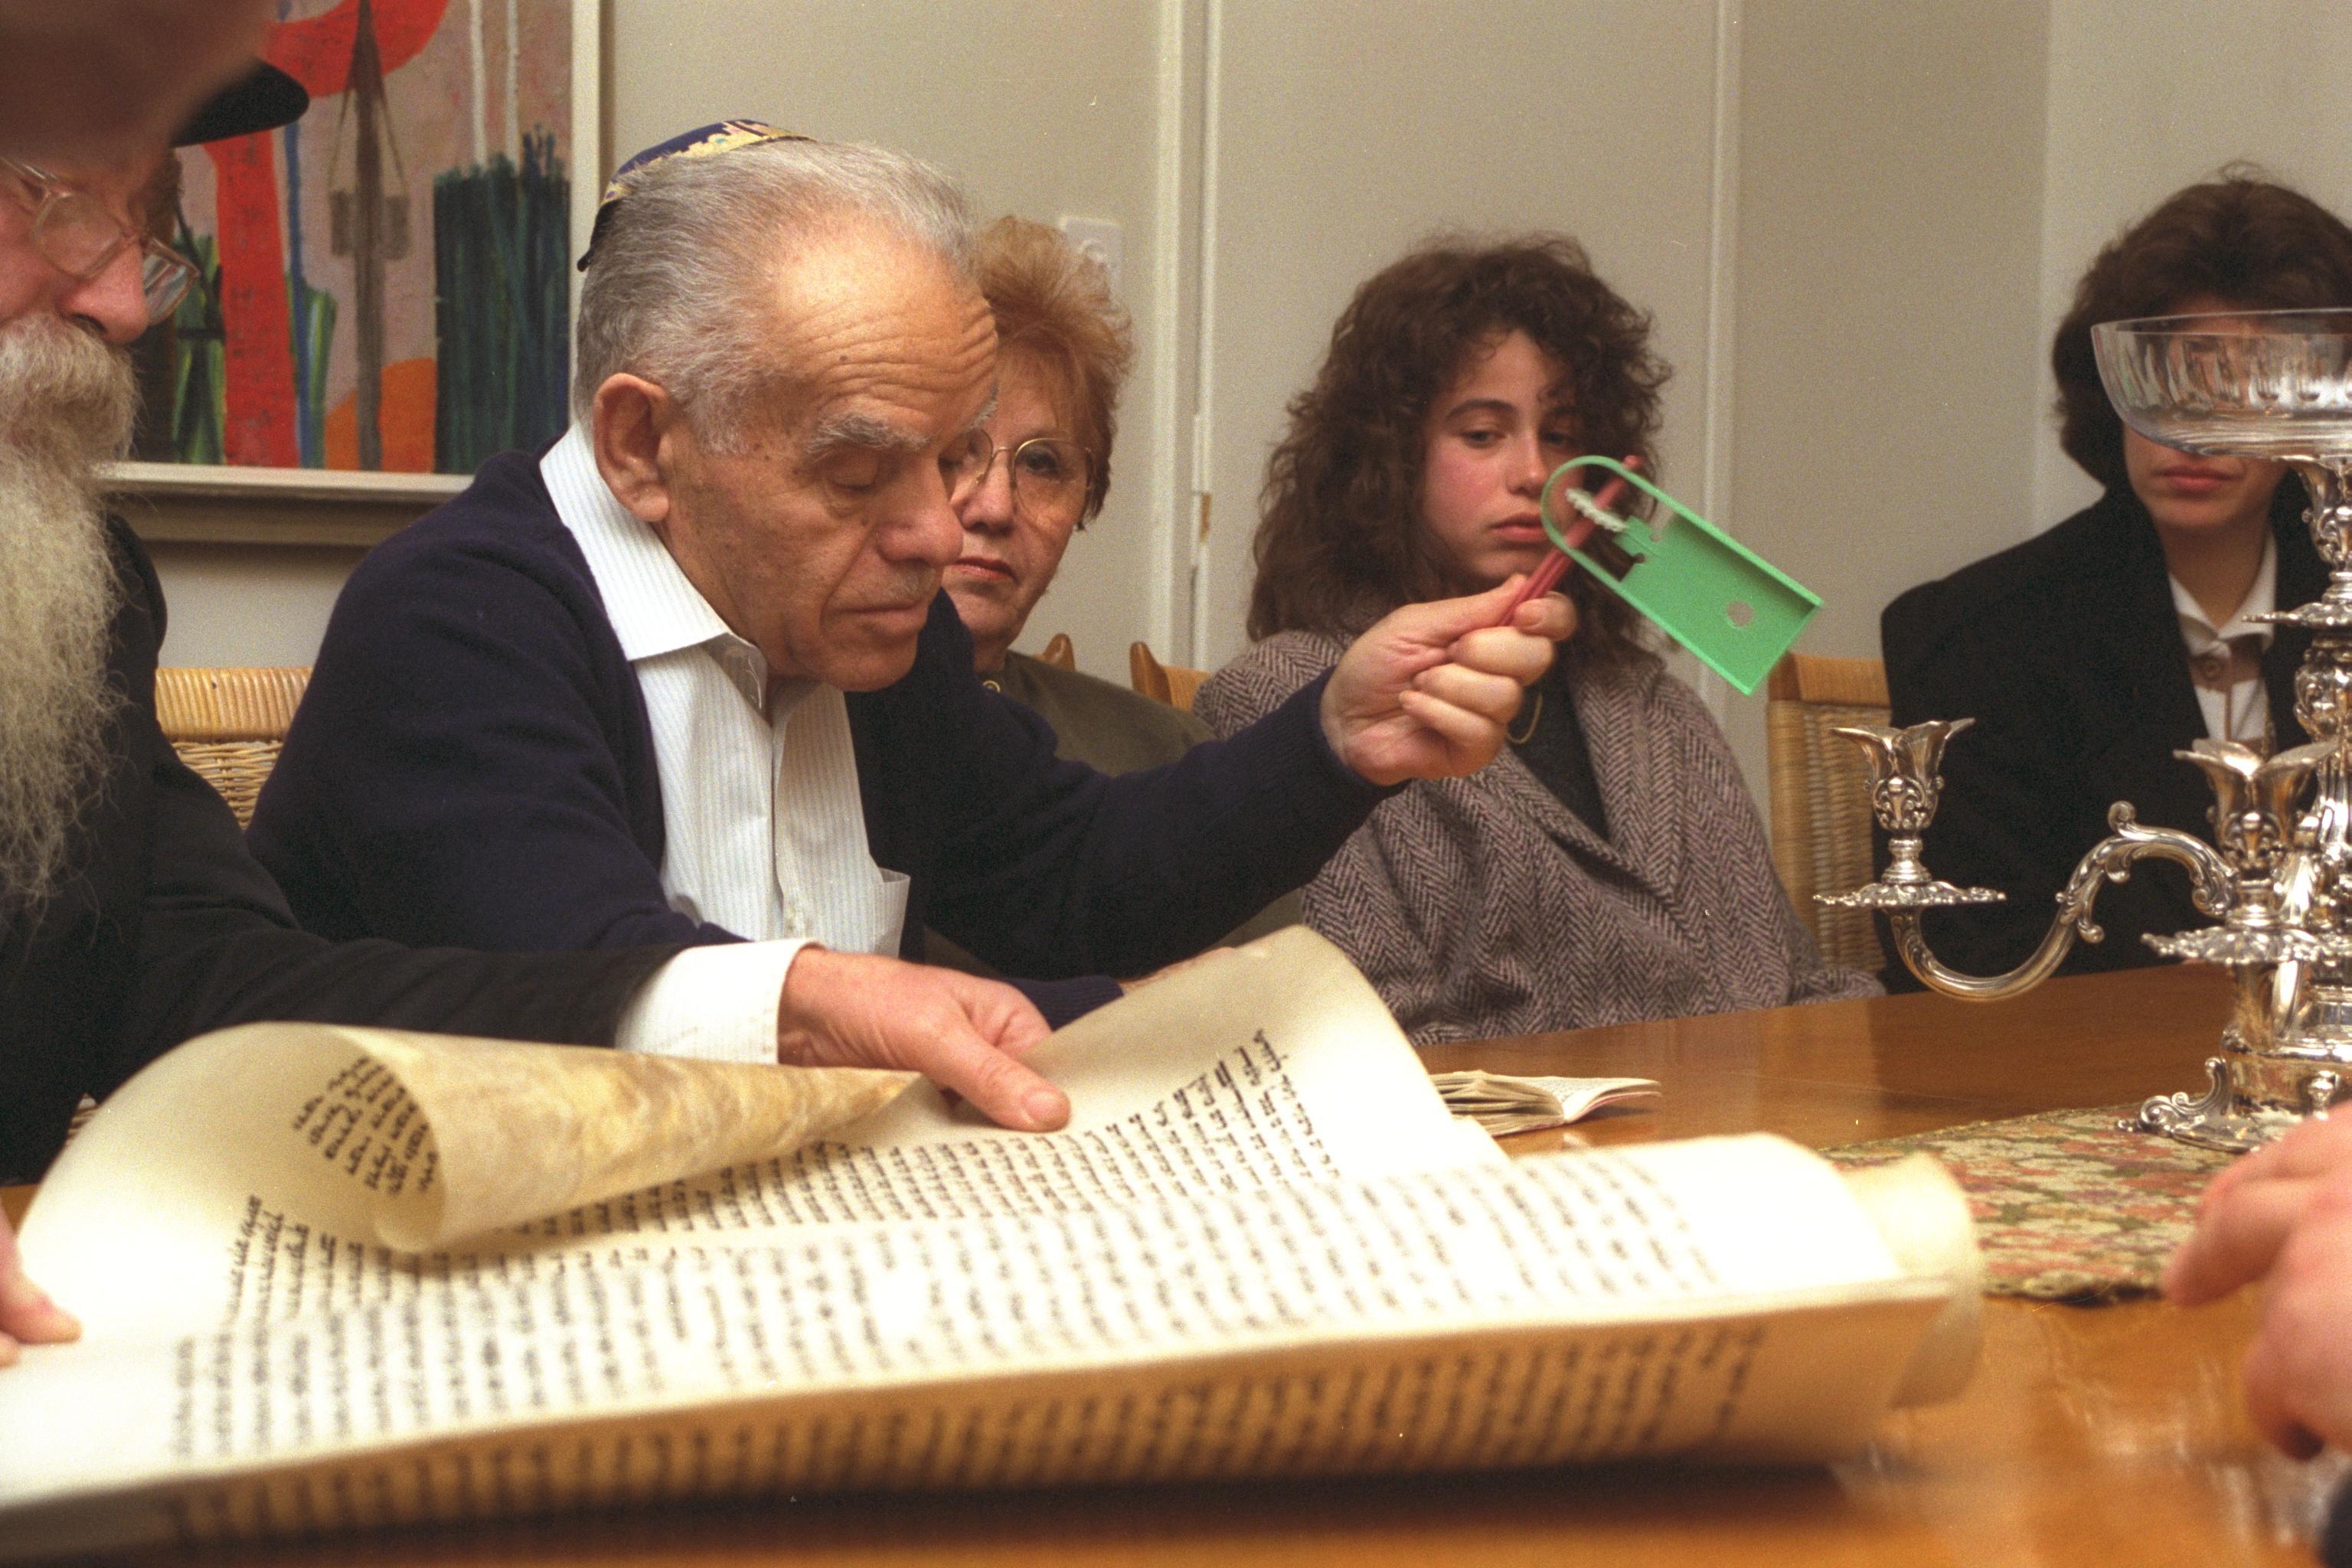 """P.M. YITZHAK SHAMIR WAVING A NOISEMAKER AT THE SOUND OF HAMAN'S NAME DURING A MEGILLA READING AT HIS HOME IN JERUSALEM ON PURIM. øàù äîîùìä éöç÷ ùîéø îøòéù áøòùï áòú ä÷øàú îâéìú àñúø, ááéú øä""""î áéøåùìéí."""